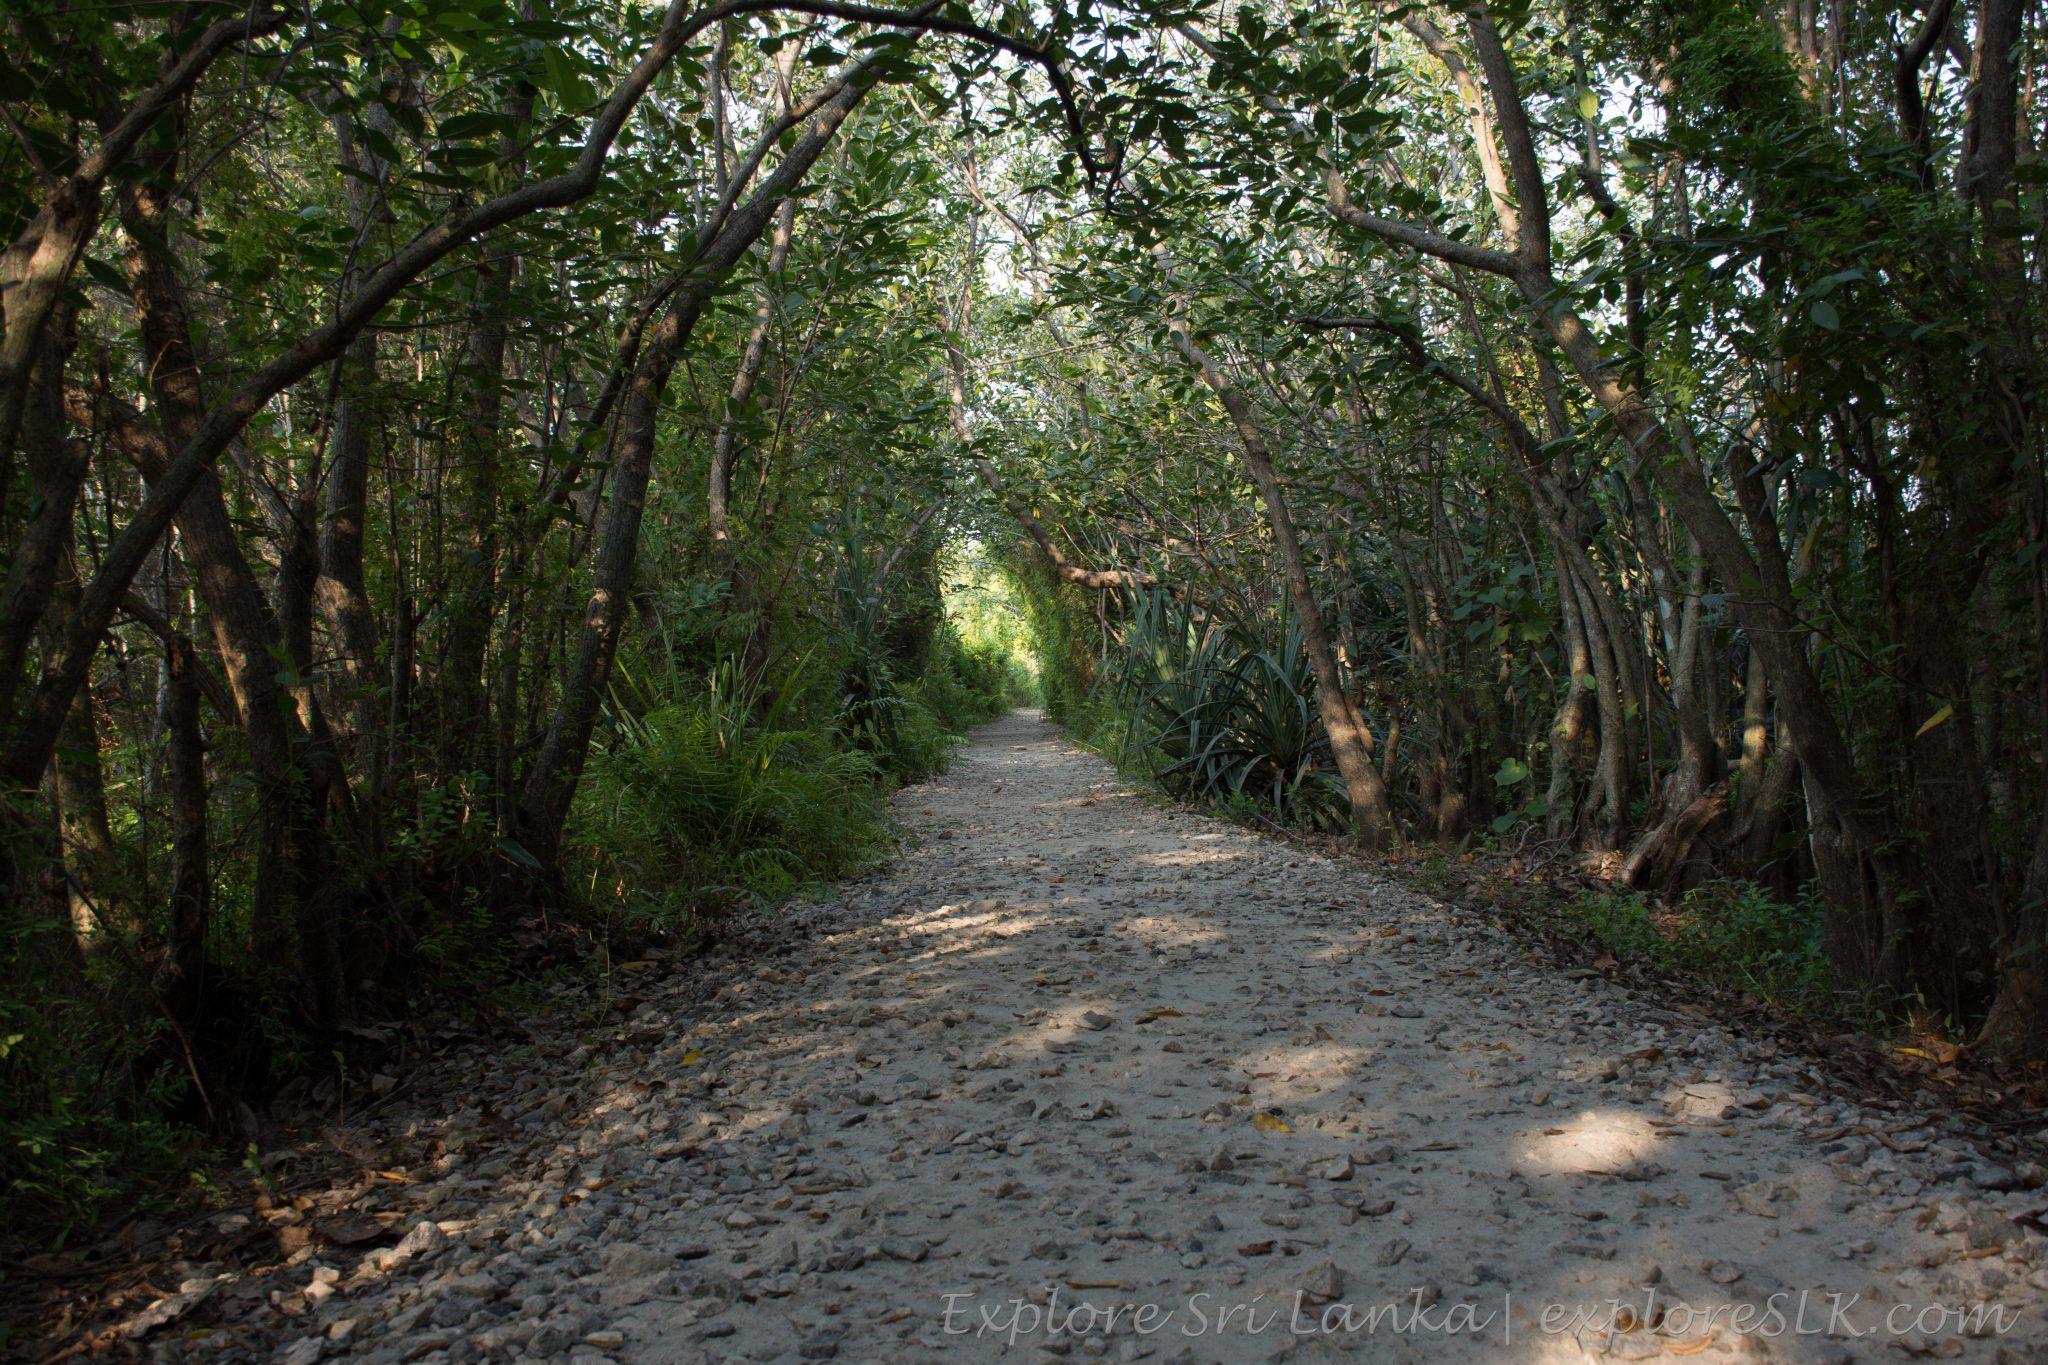 Shady footpaths in Beddagana wetland park